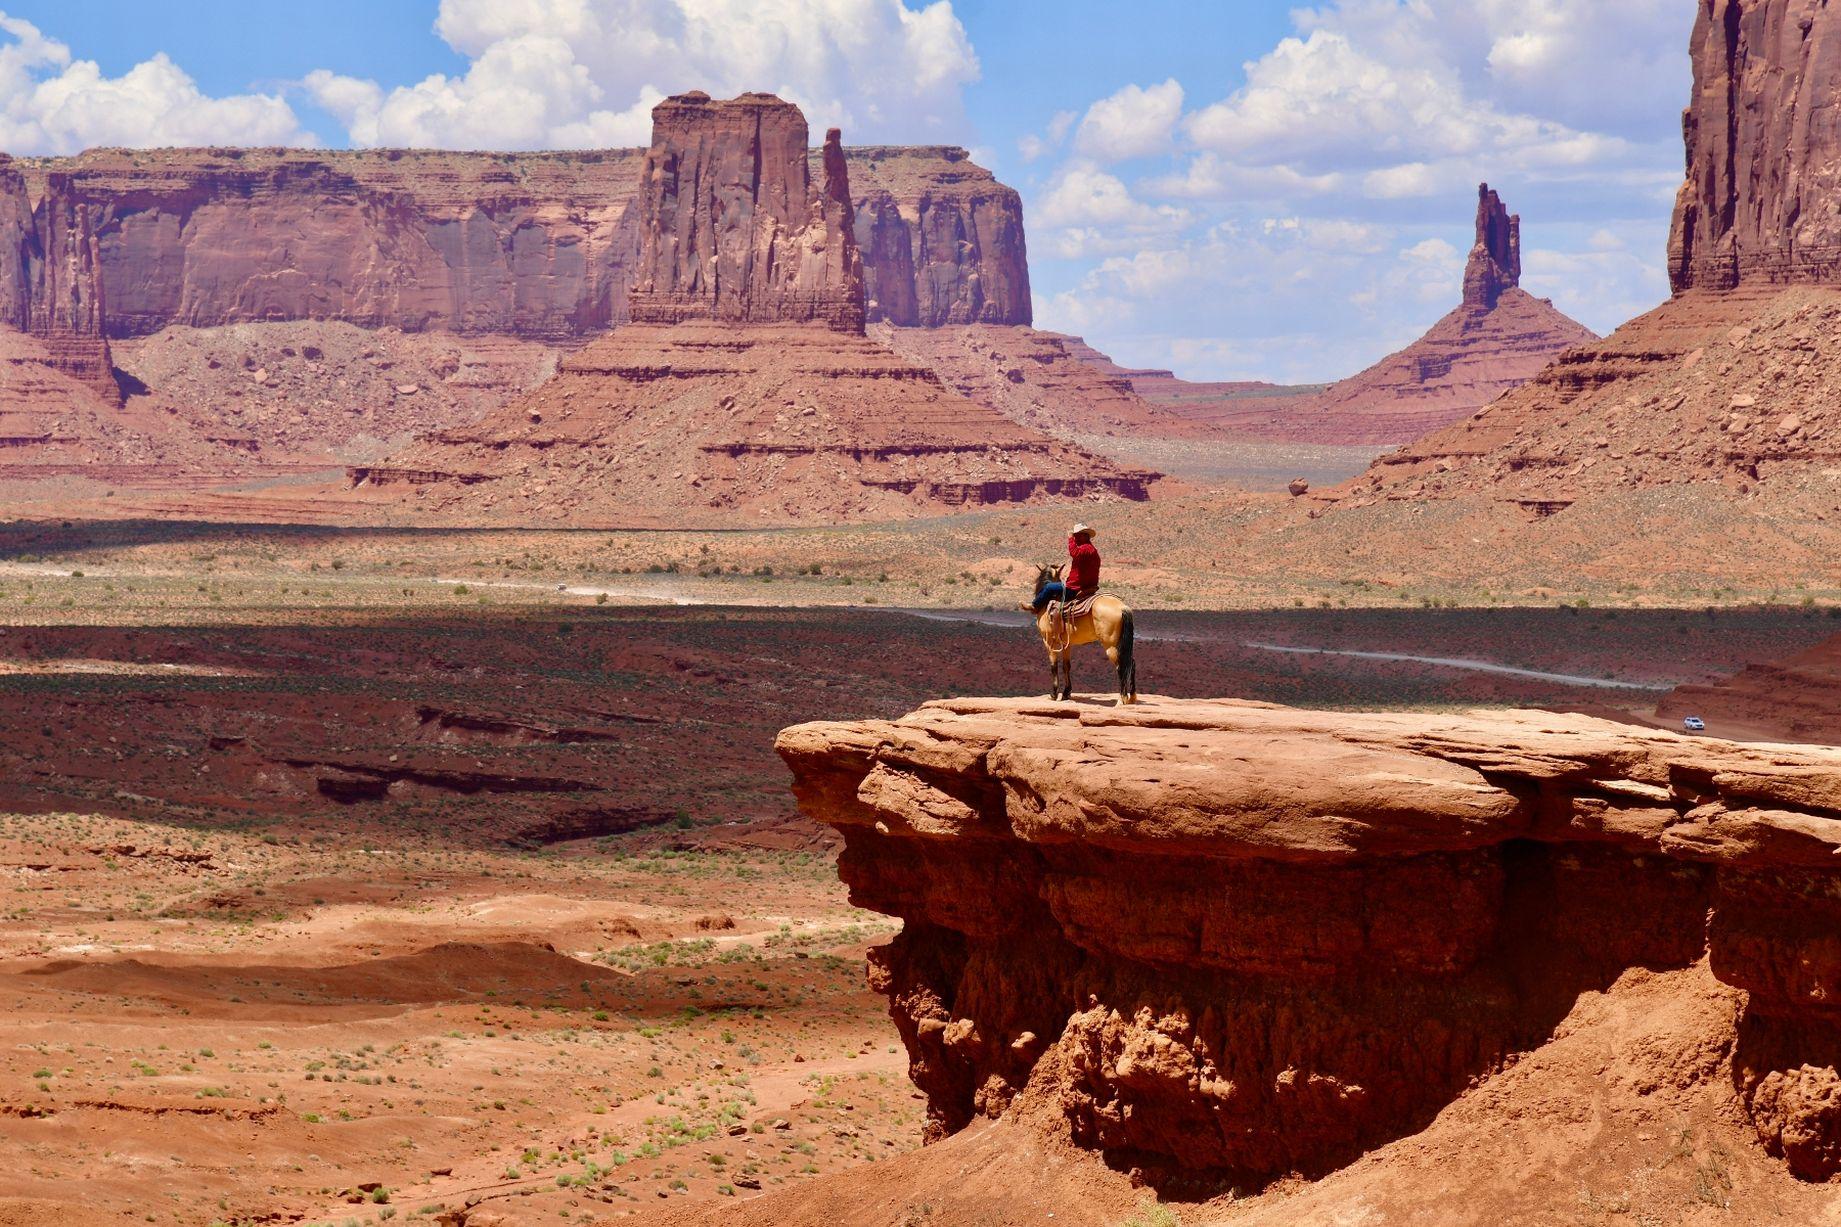 15 спектакуларни фотографии ќе ве однесат на патување низ целиот свет